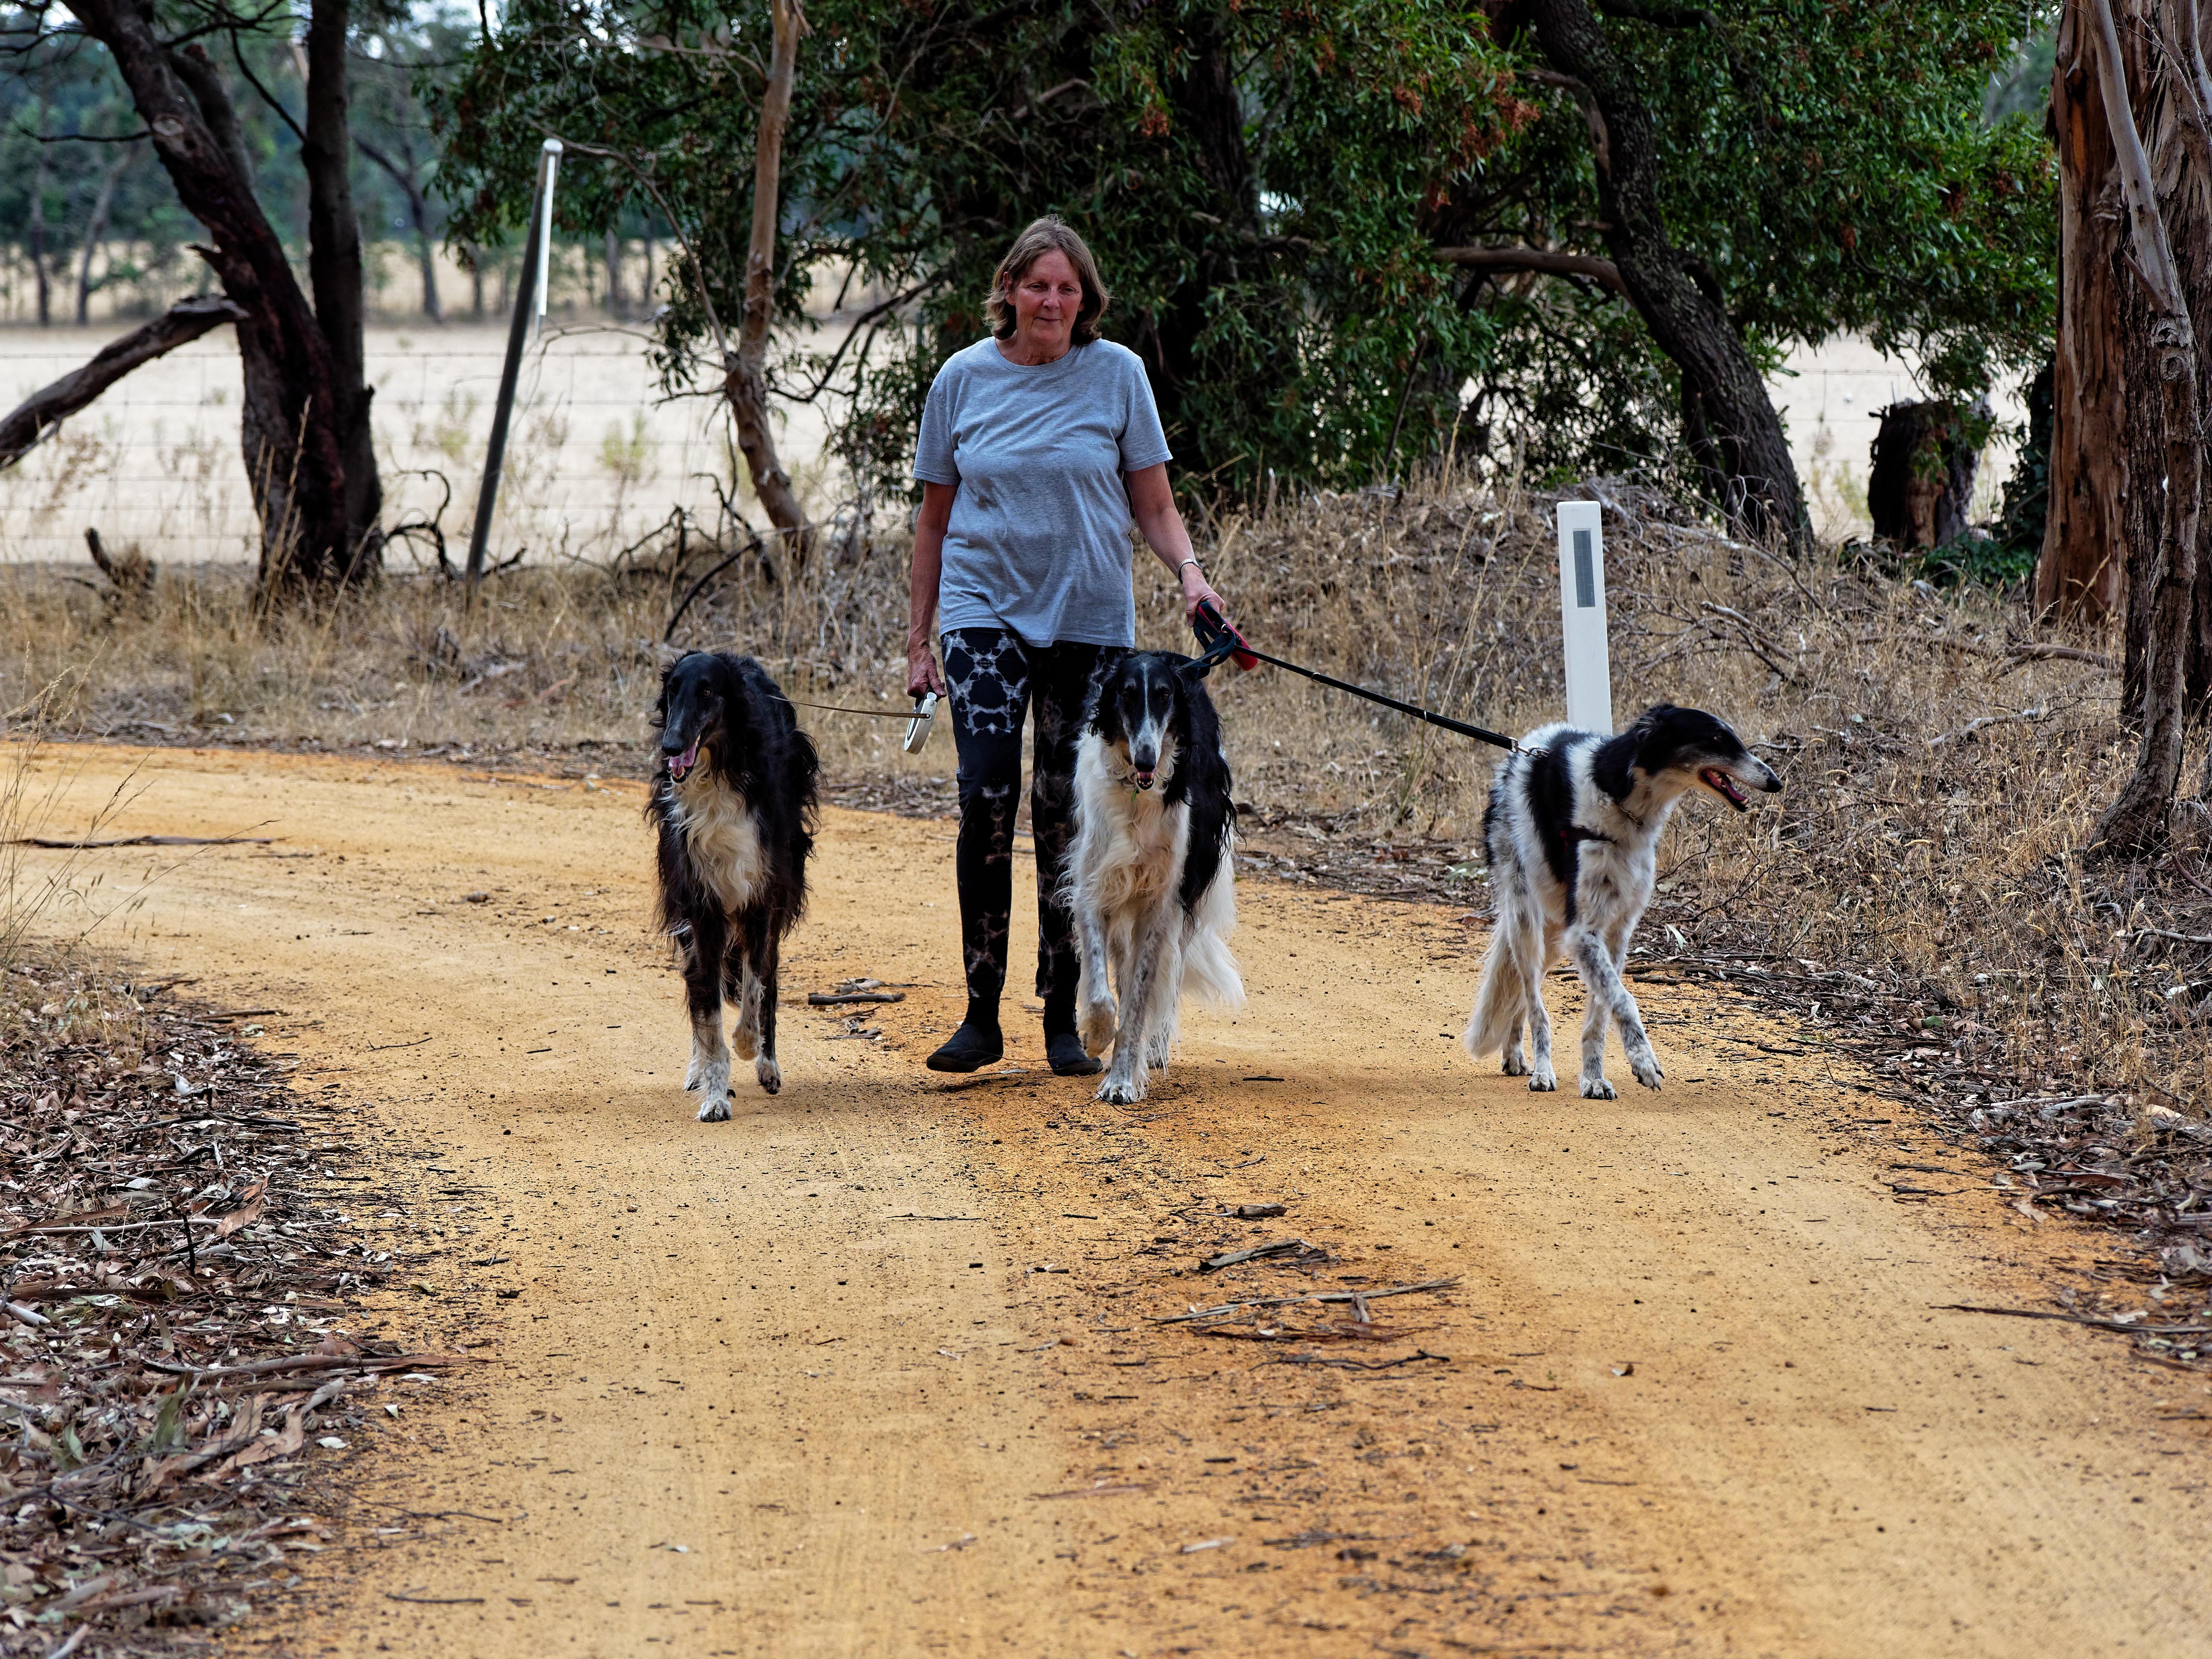 Walking-dogs-17.jpeg